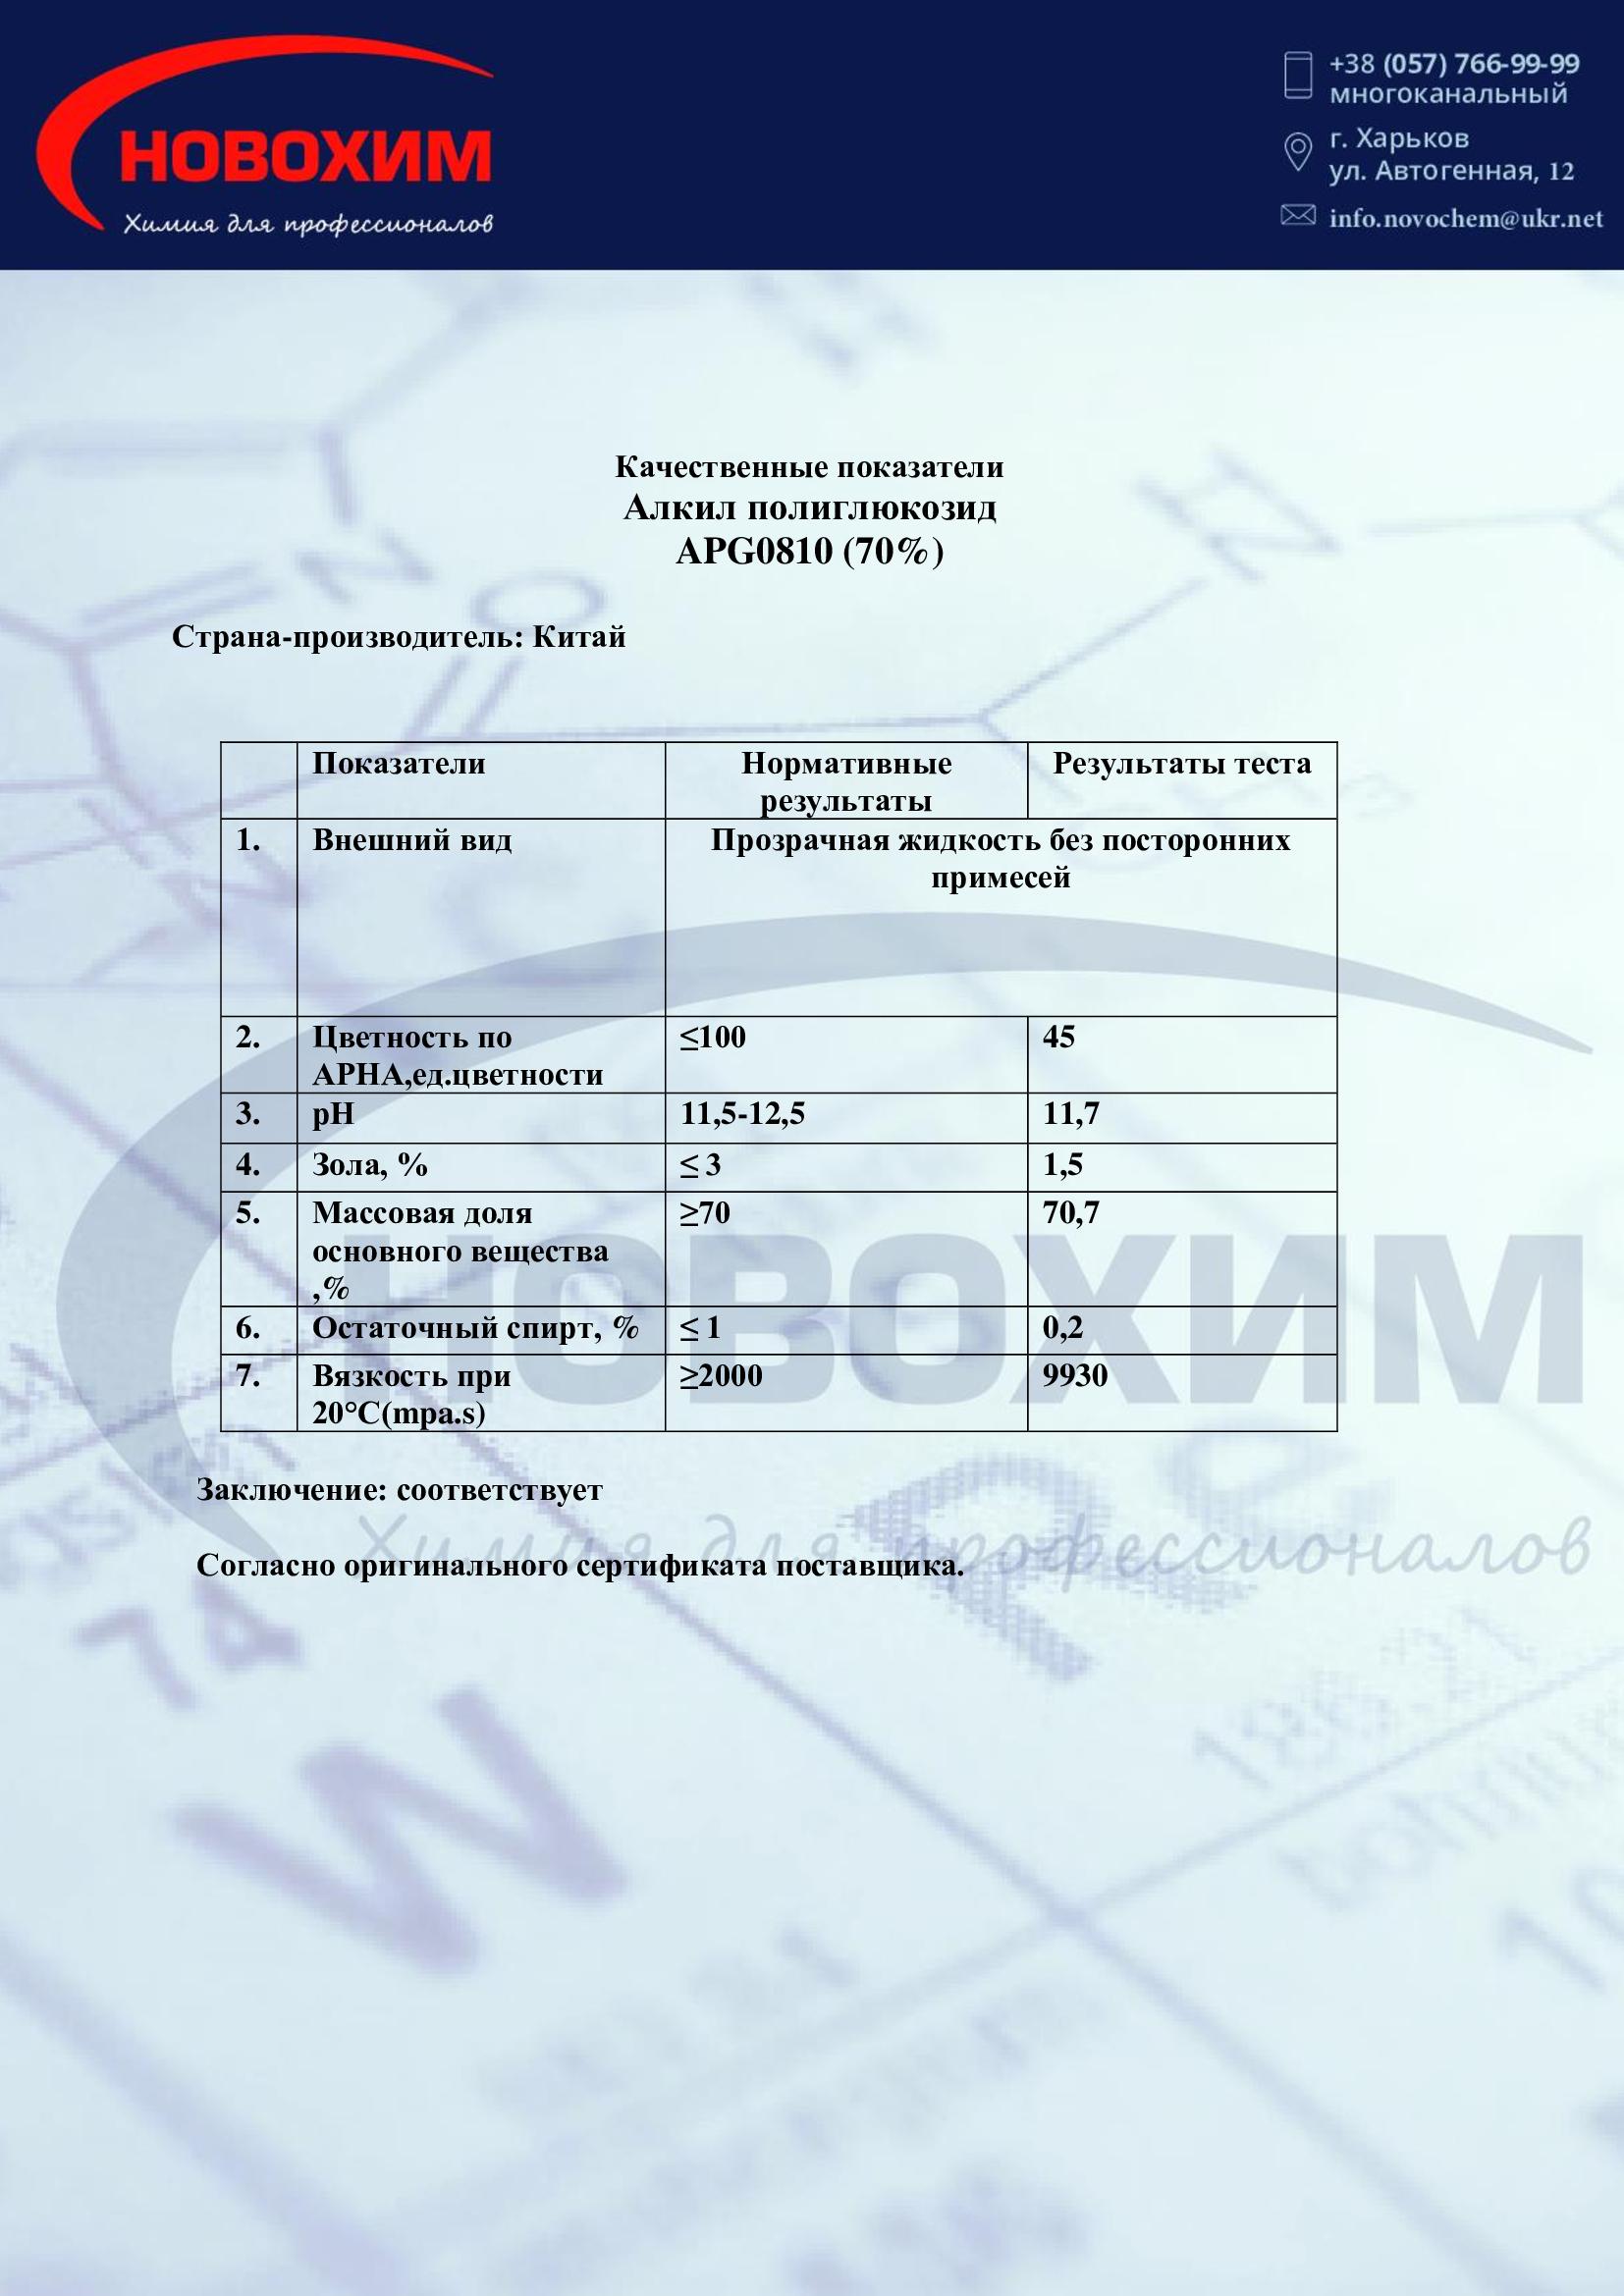 Фото сертификата APG0810